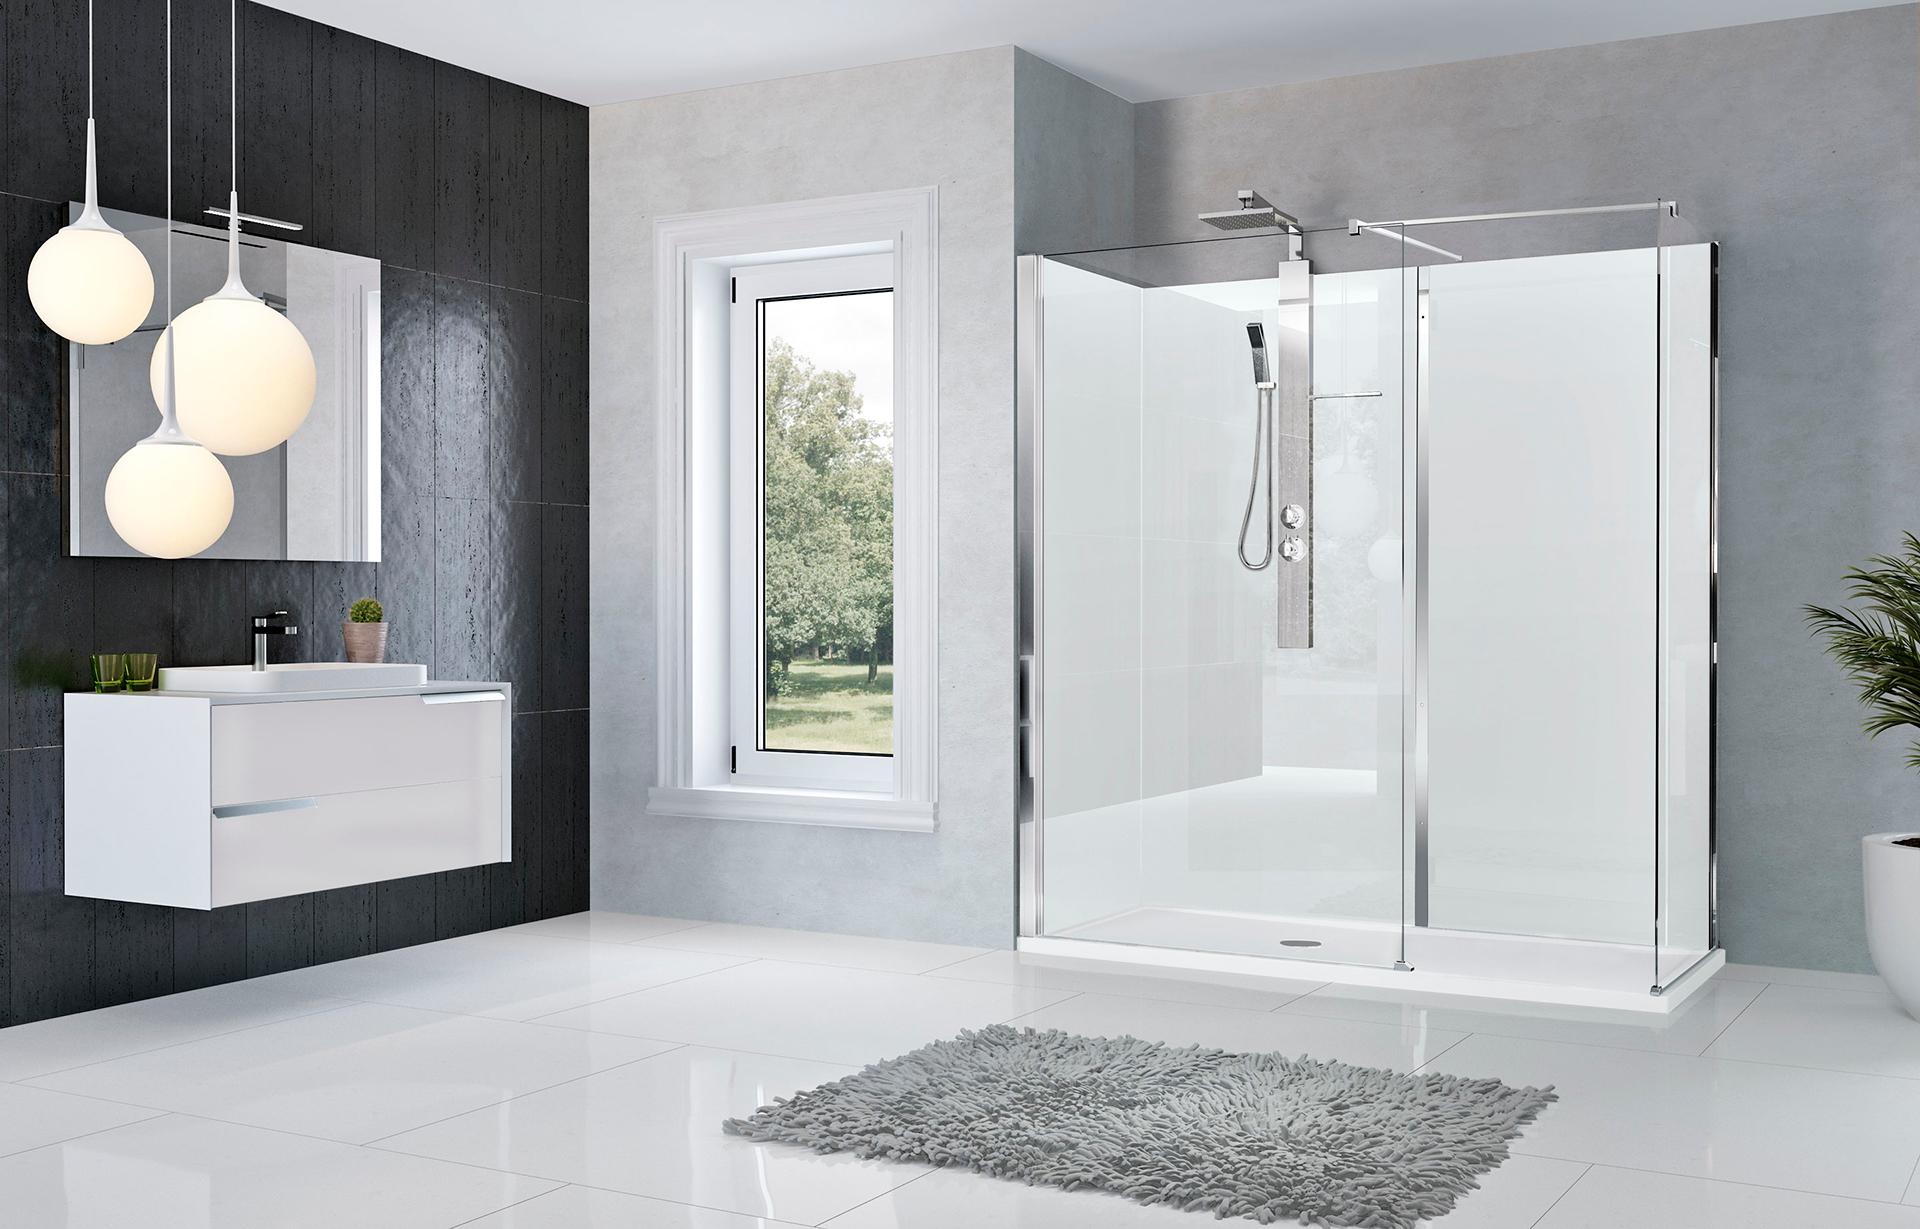 Moderne badkamer met veel hout mooie badkamer waar veel hout is